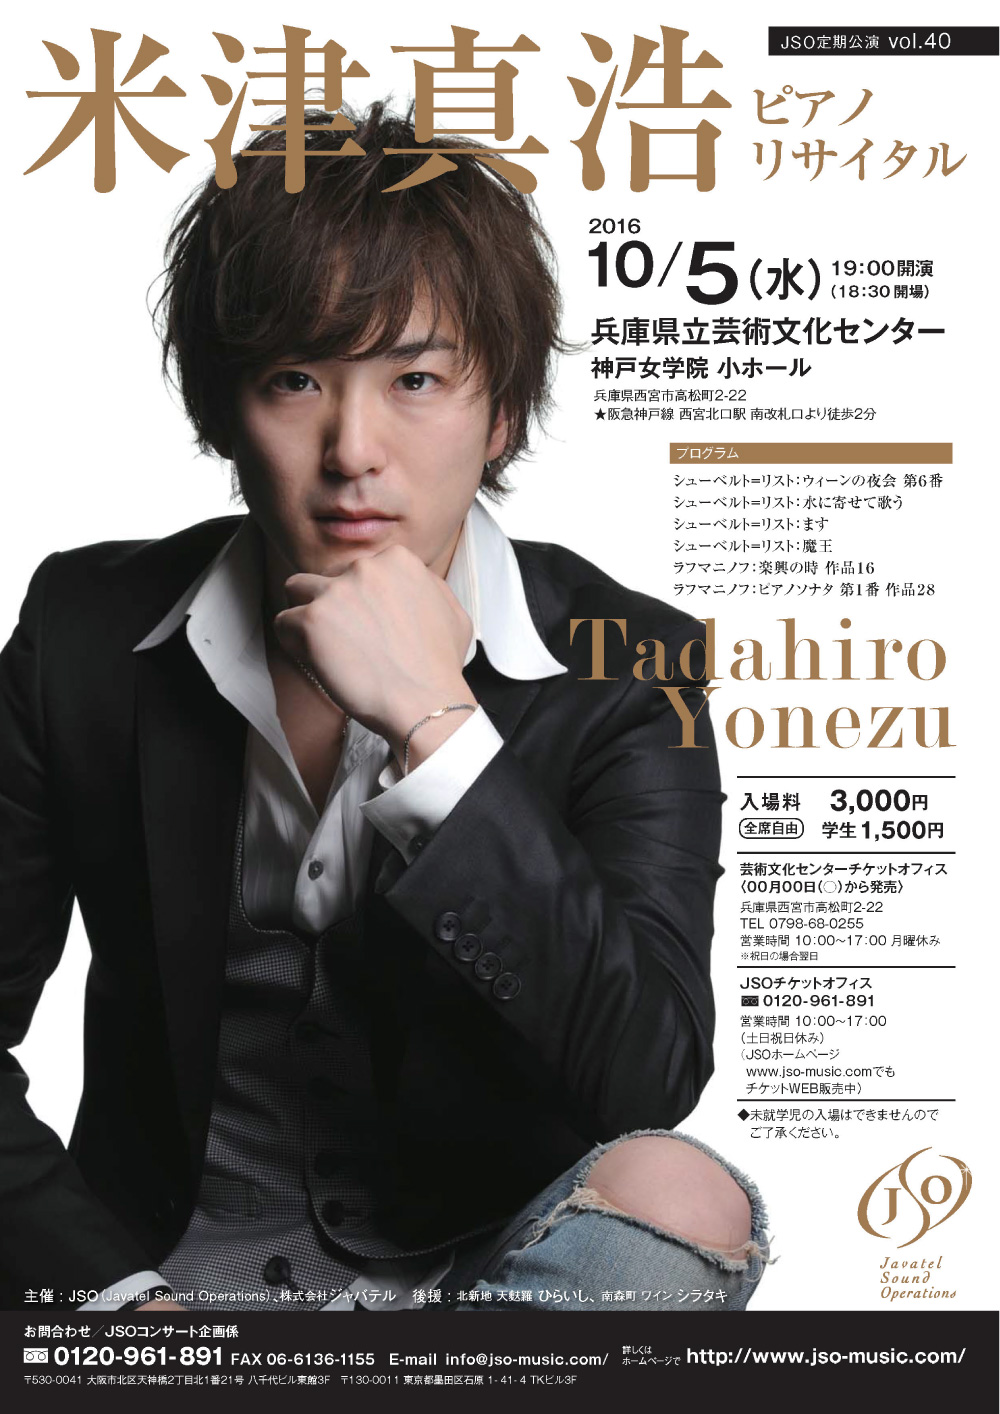 2016年10月5日(水) JSO定期公演 米津真浩 ピアノ・リサイタル